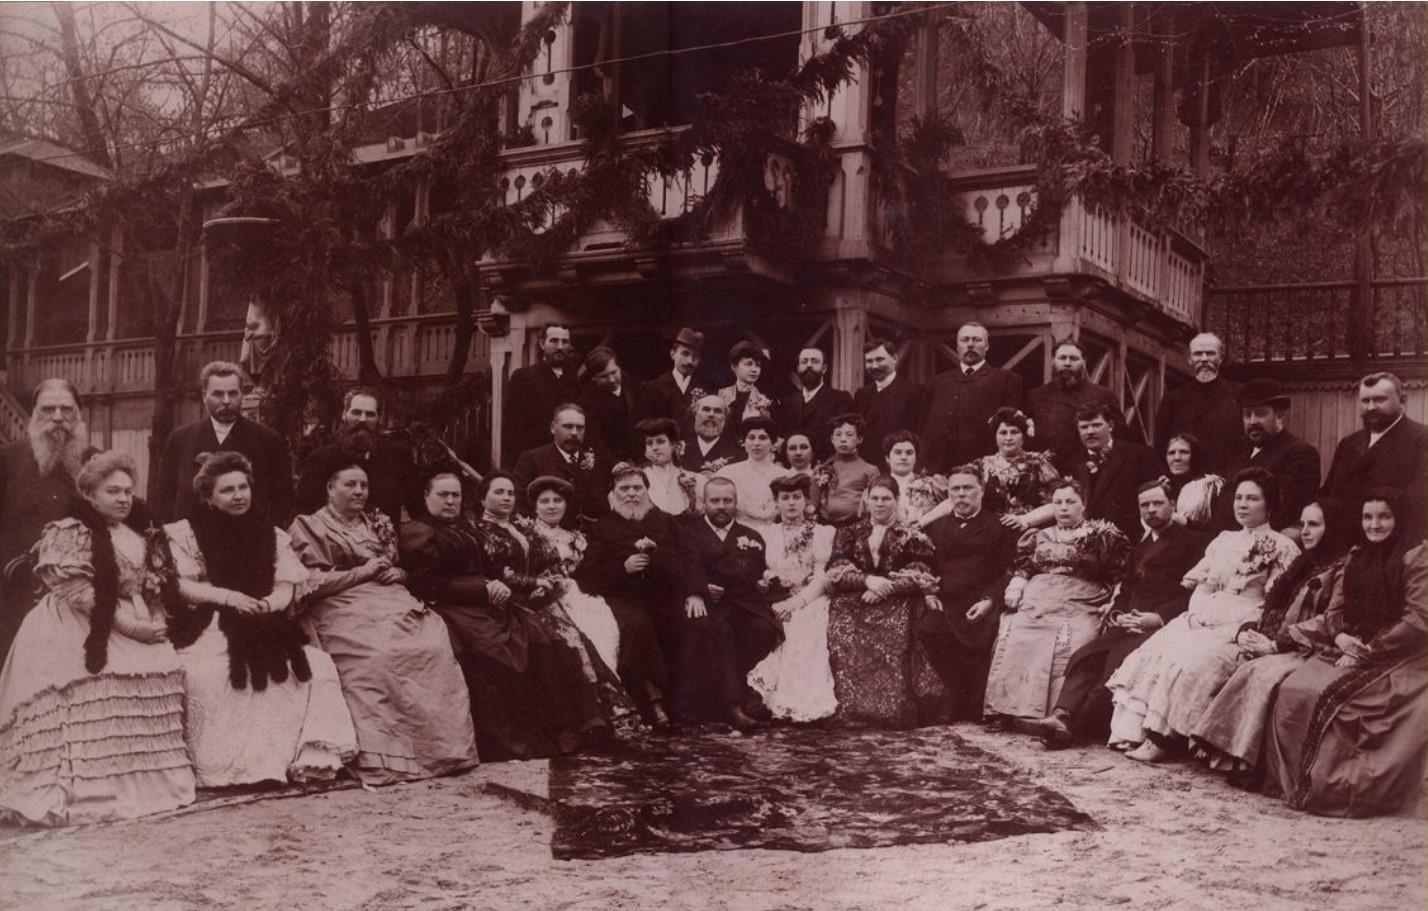 1910. Свадьба купца Блинова